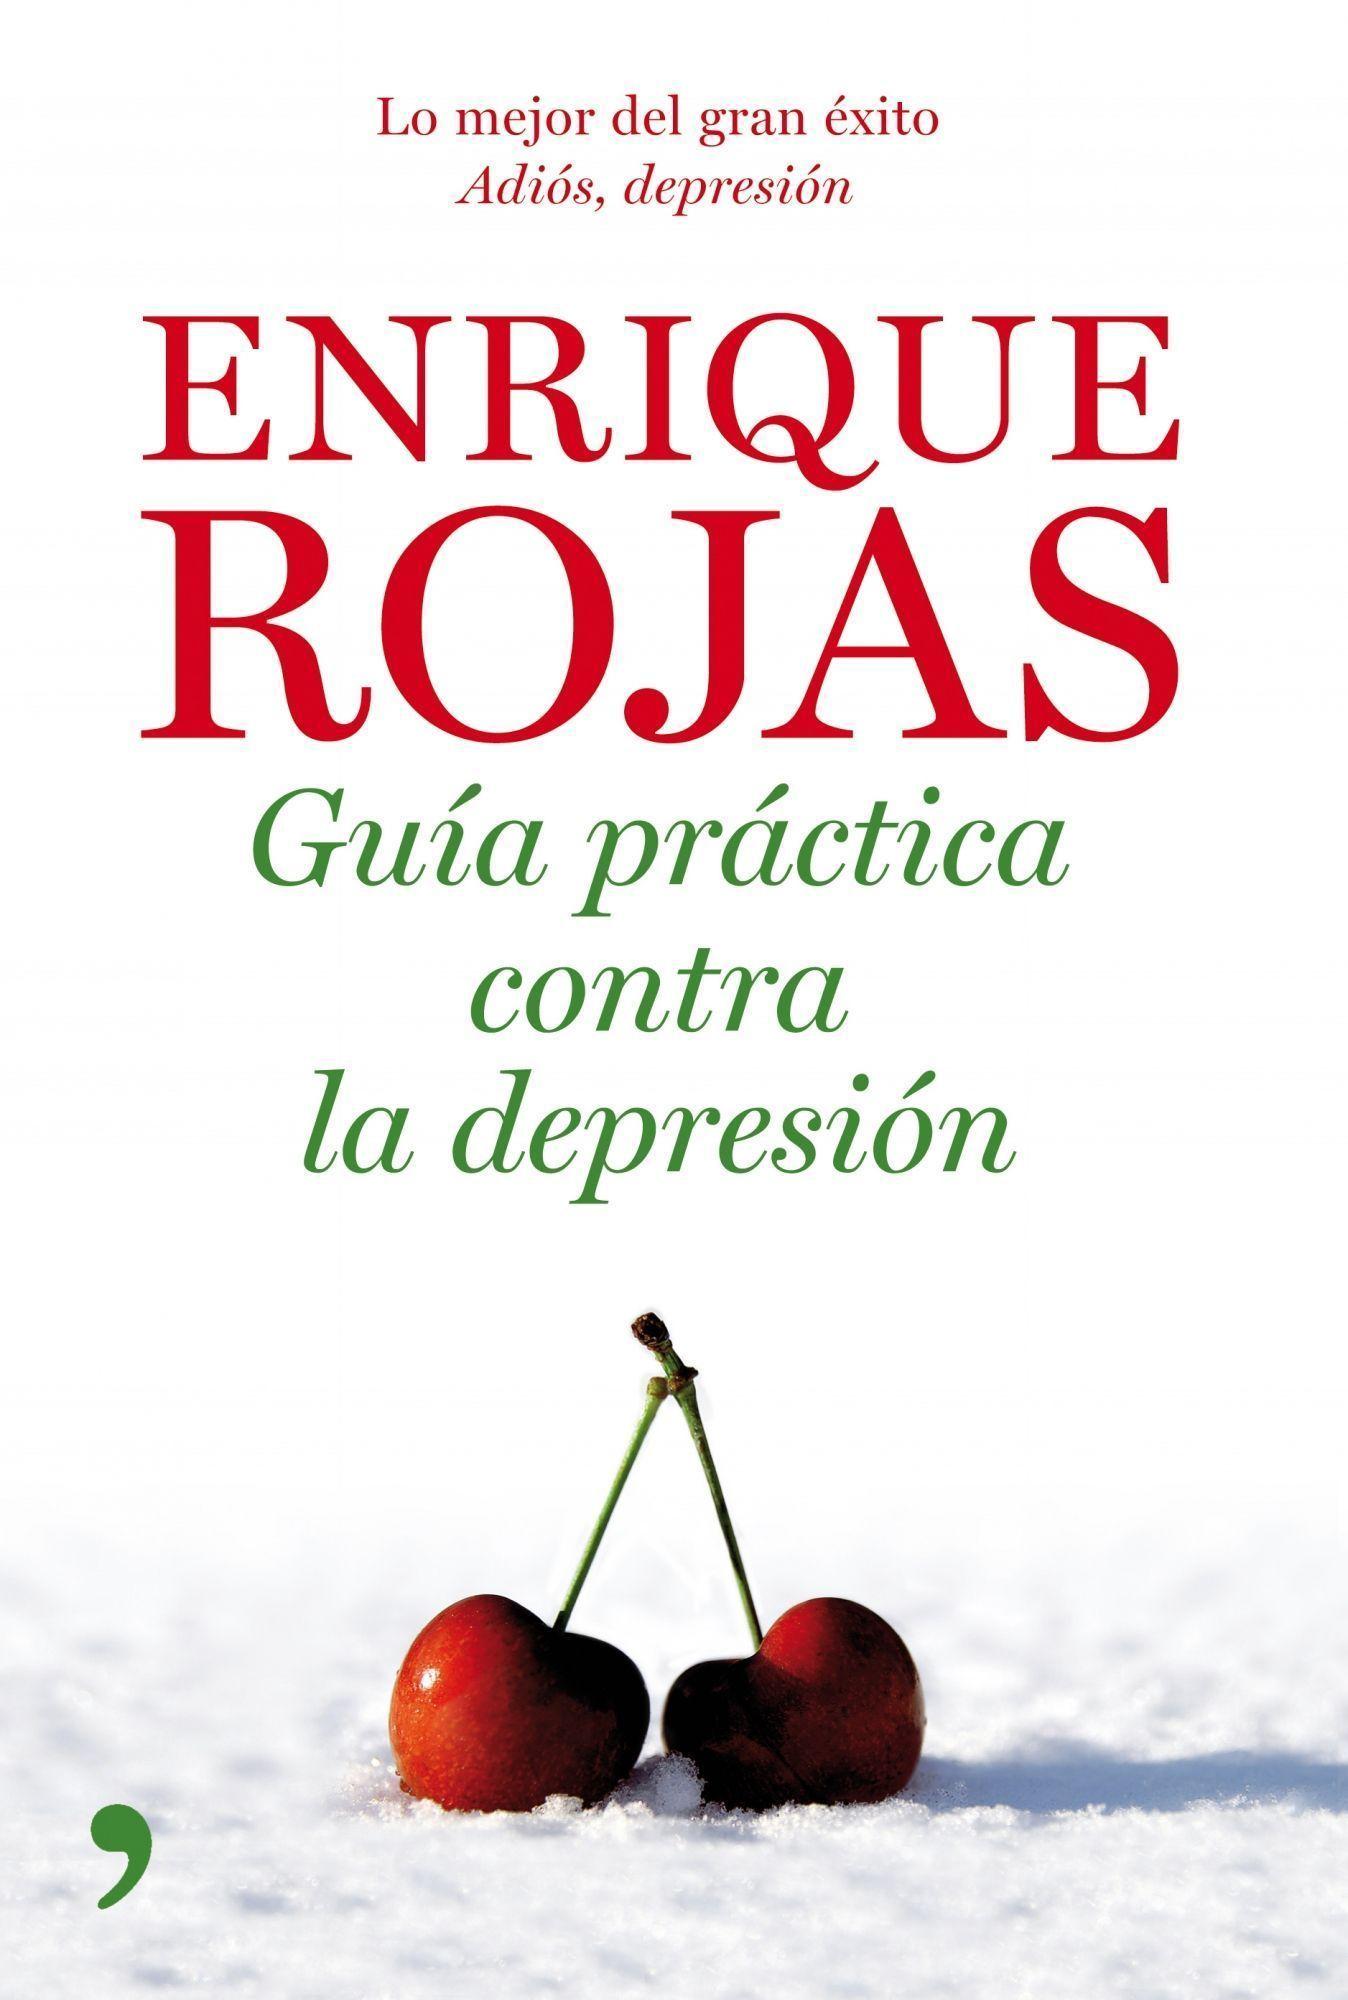 Guia Practica, Adios Depresion. Tipos De Depresion Y Sus Tratamie Ntos por Enrique Rojas